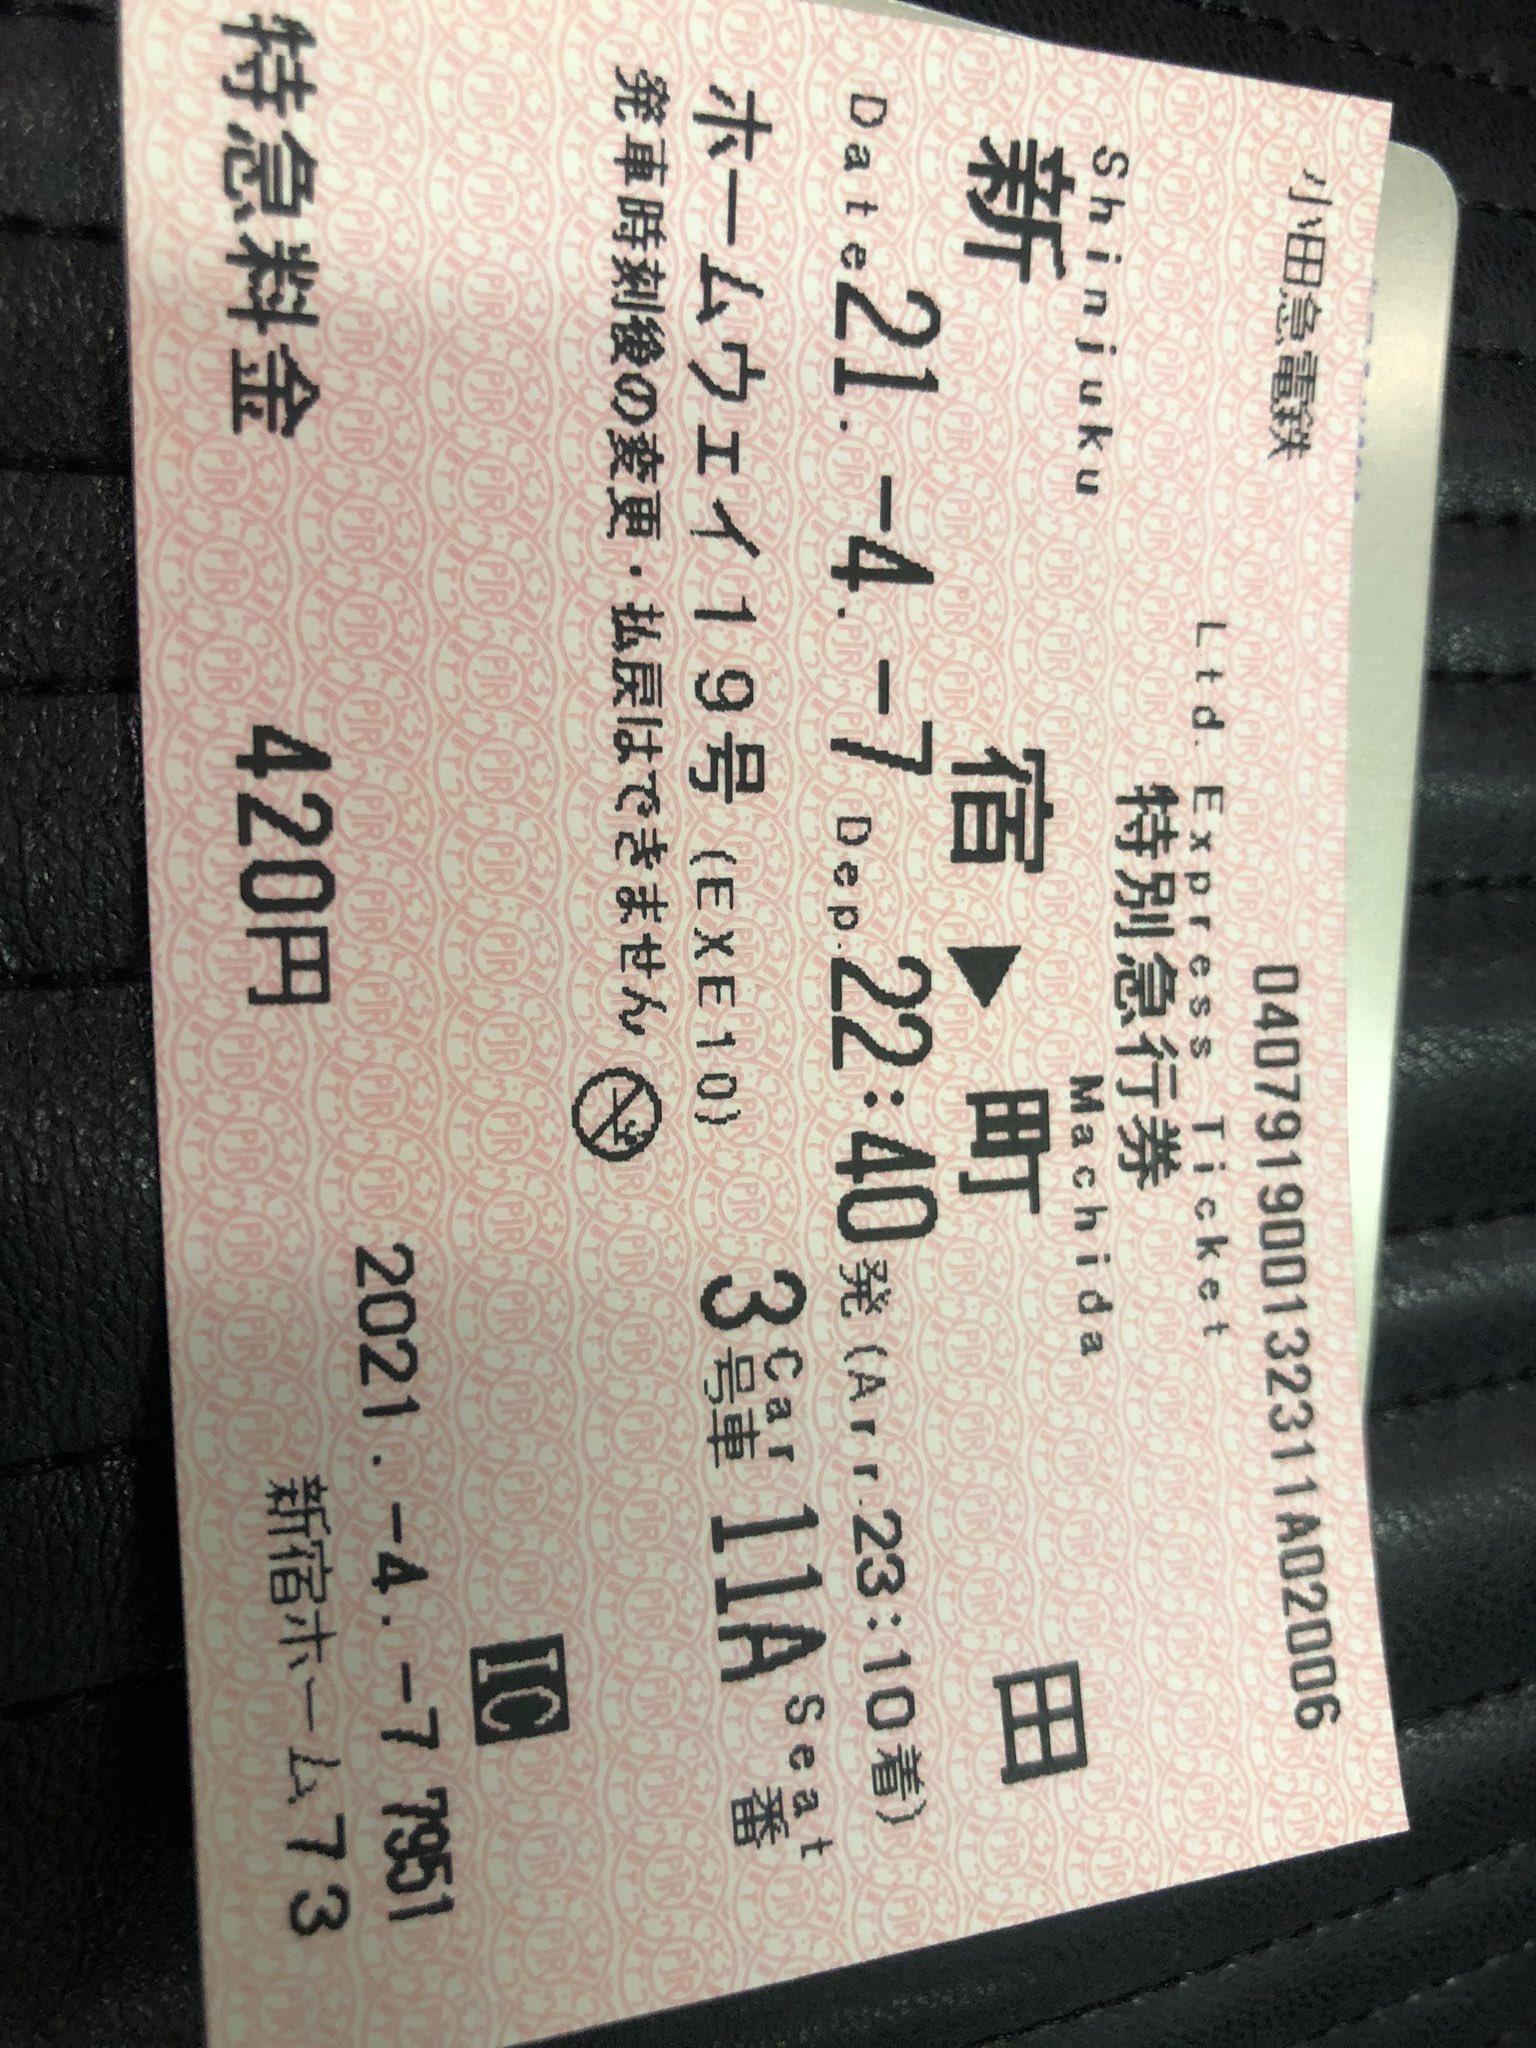 画像,剛剛進電車剪票口、突然喵到附近板子上寫了「22:30人身事故」 當機立斷!買了特快車(不想又半夜才到家..)目前有順利發車🚃 https://t.co/y4NK…